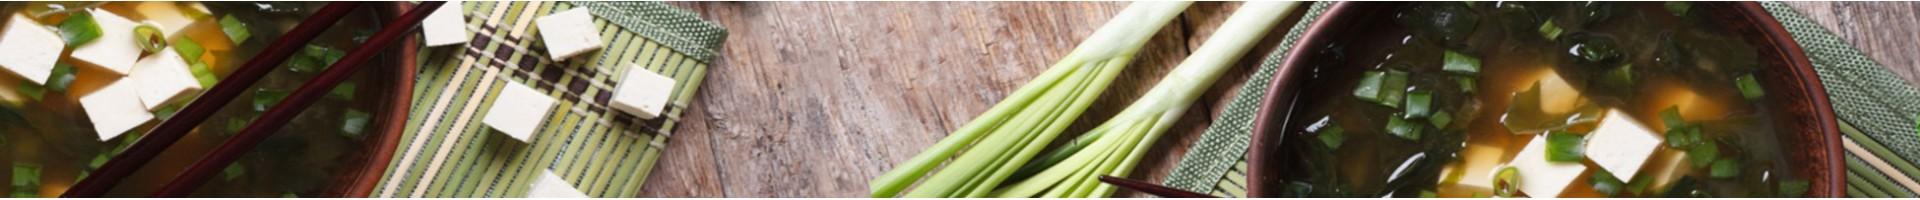 Productos de Alimentación Macrobiótica | Tienda Online | La Finestra